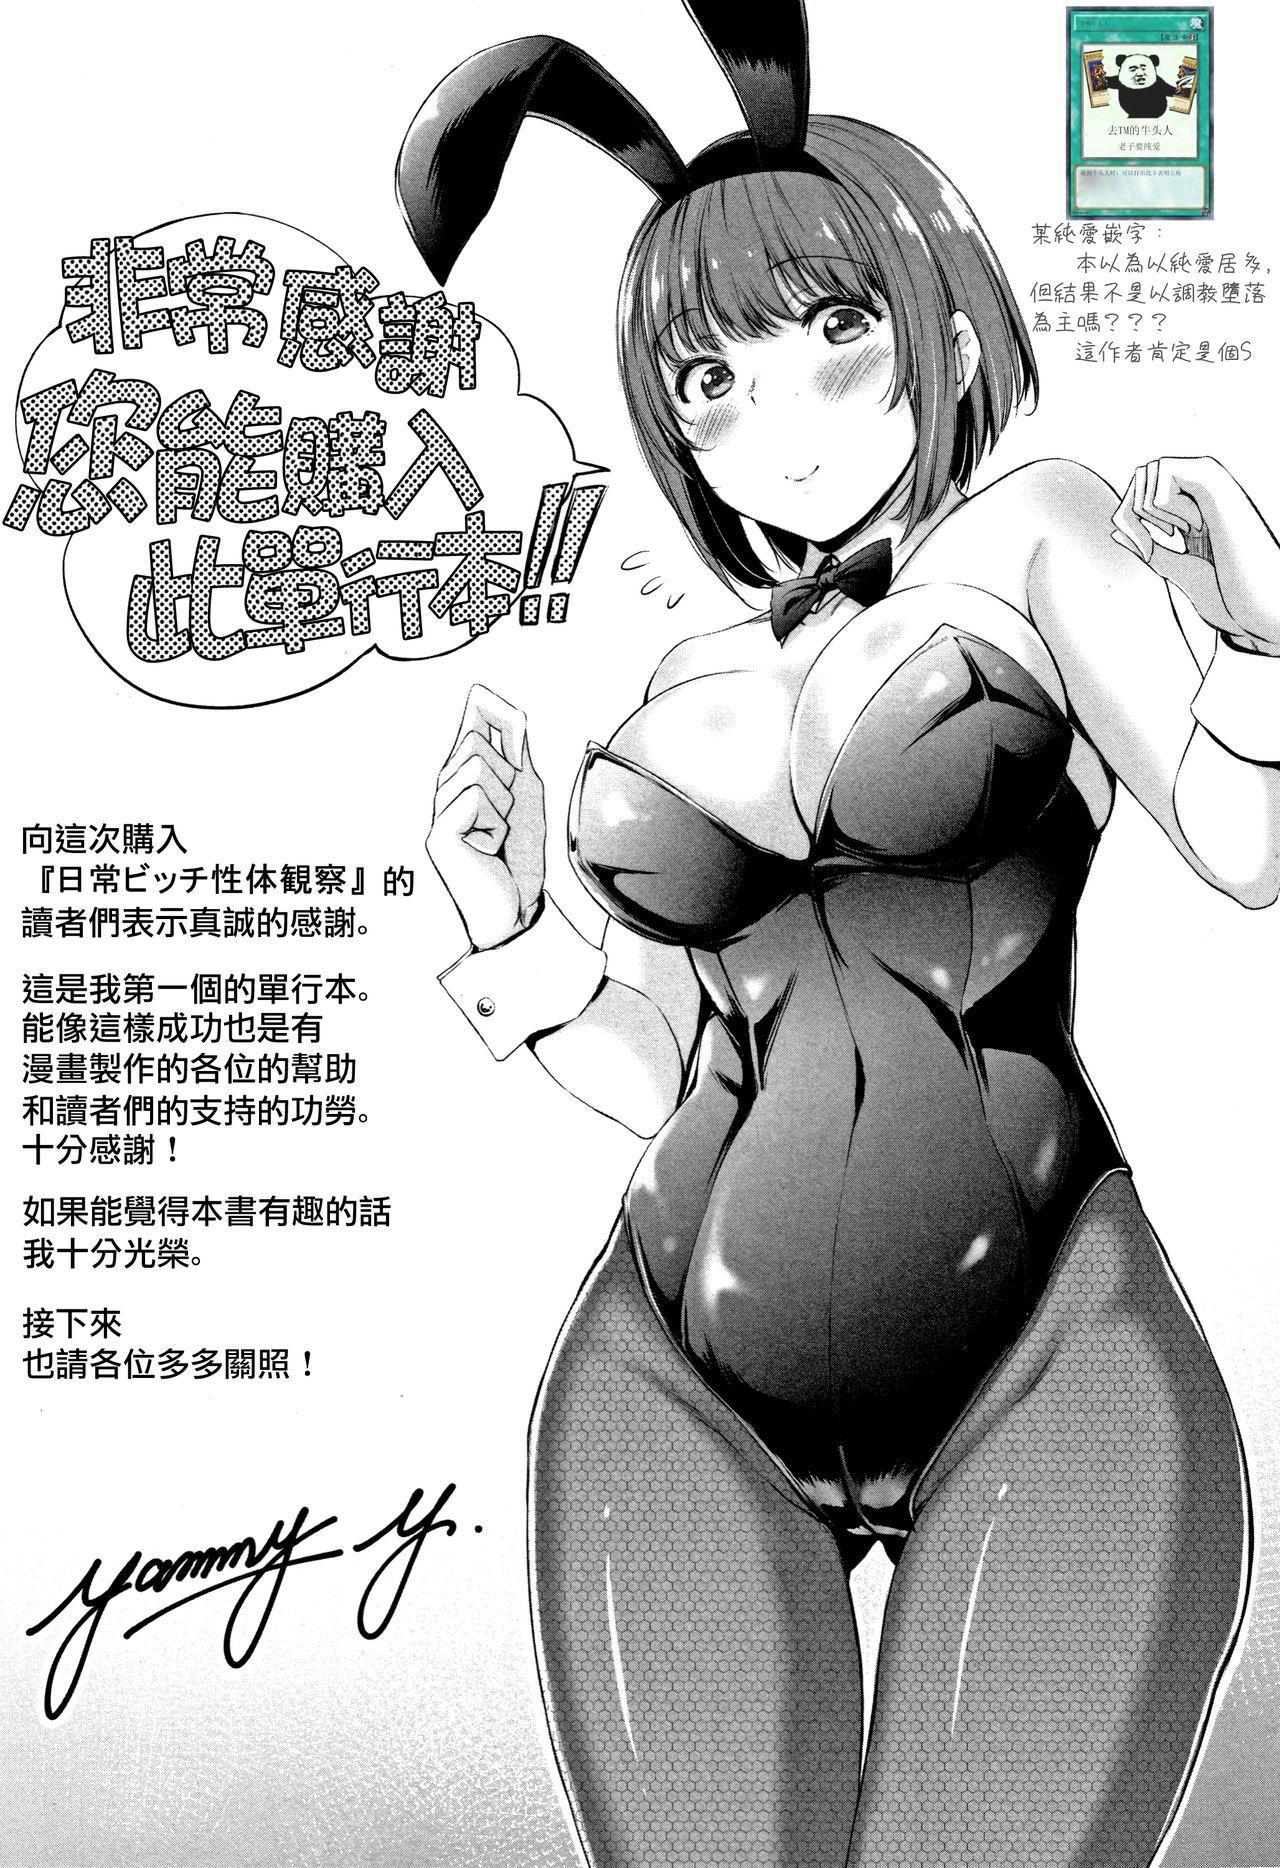 Nichijou Bitch Seitai Kansatsu 227